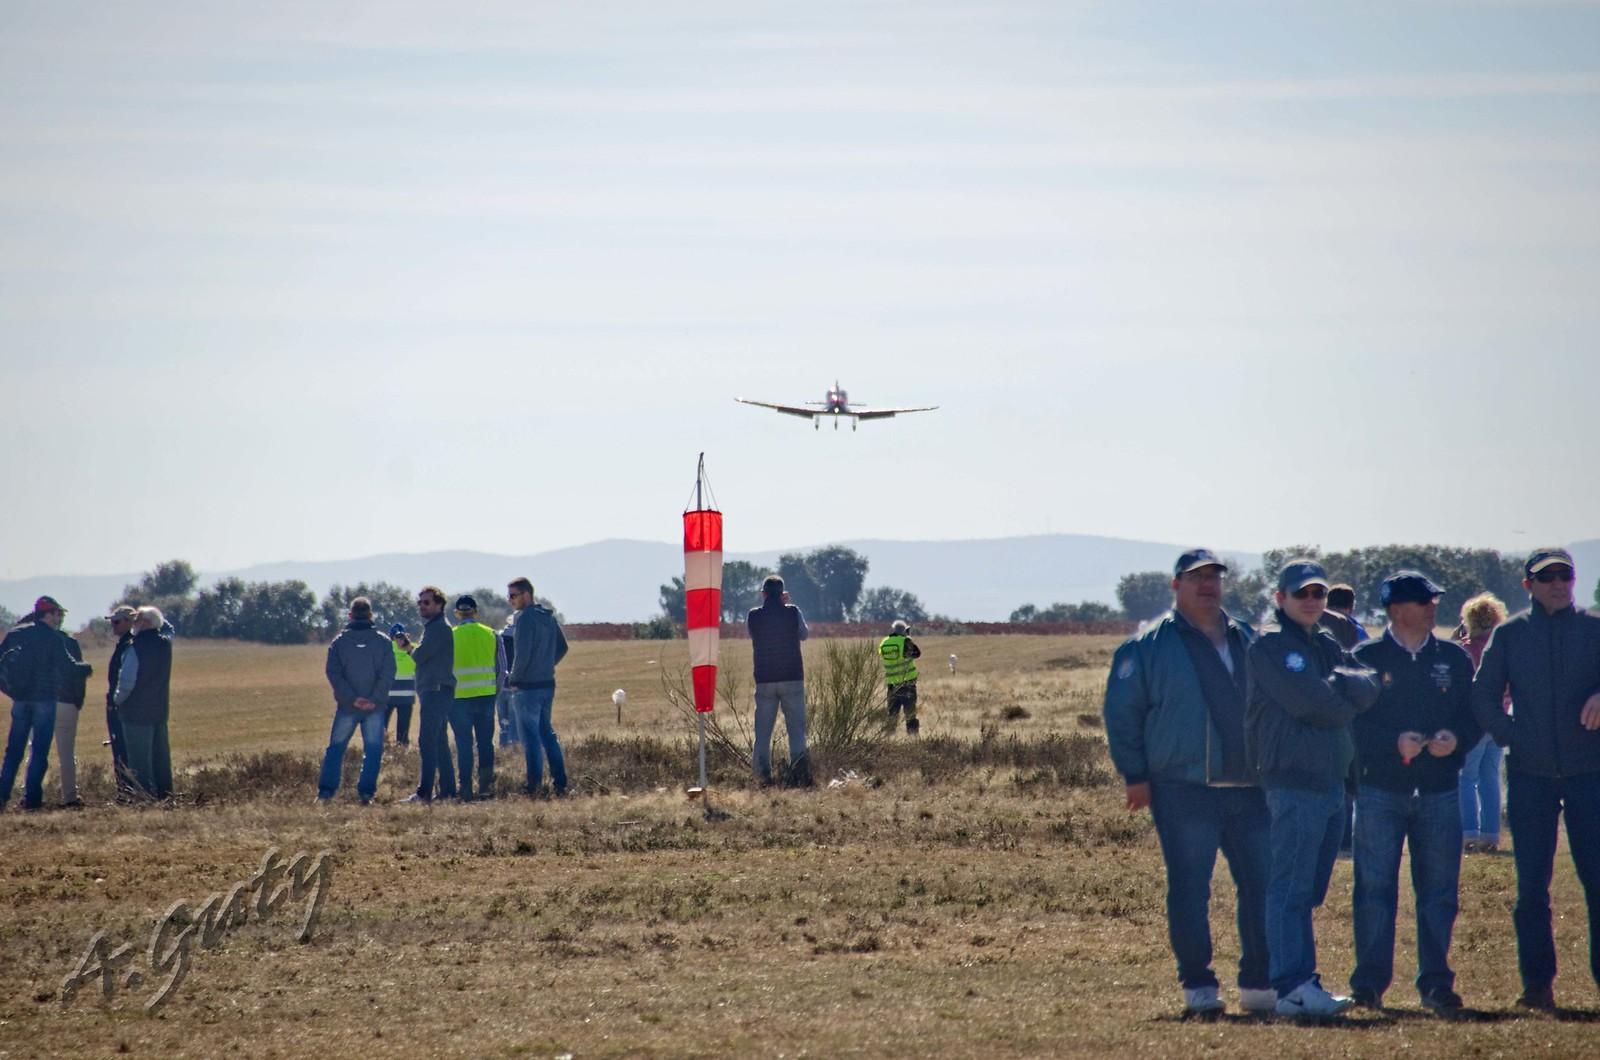 Ronda Aerea 2017 Aerodromo de Astorga (77)